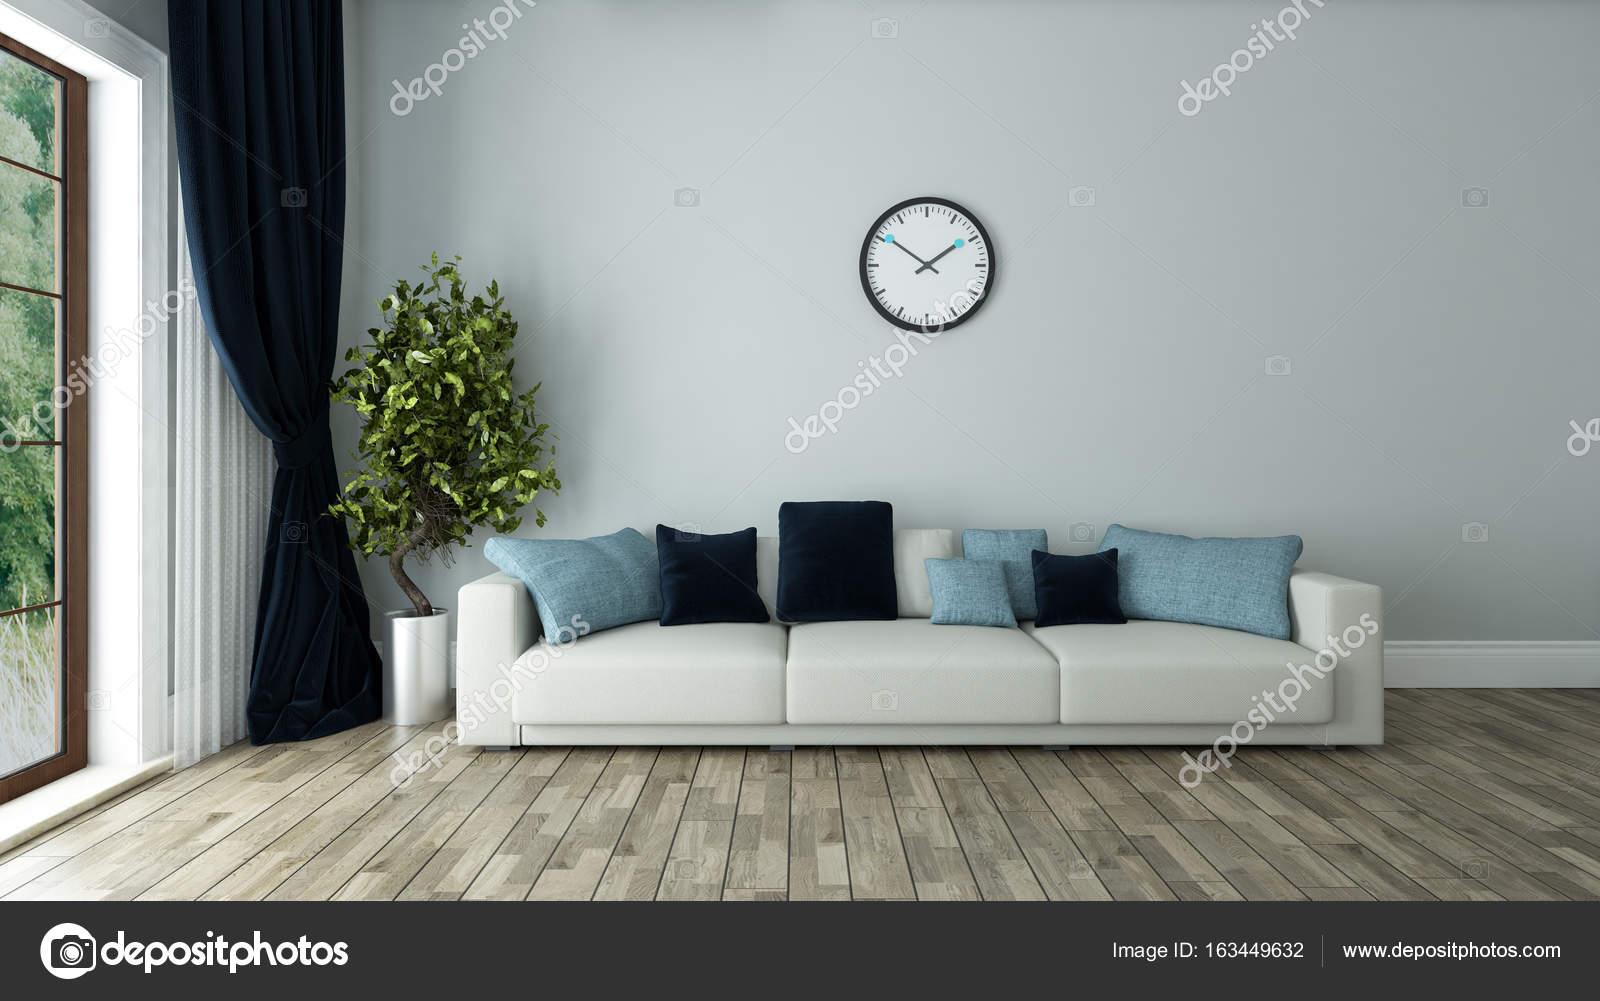 blauwe muur woonkamer met horloge — Stockfoto © sseven #163449632